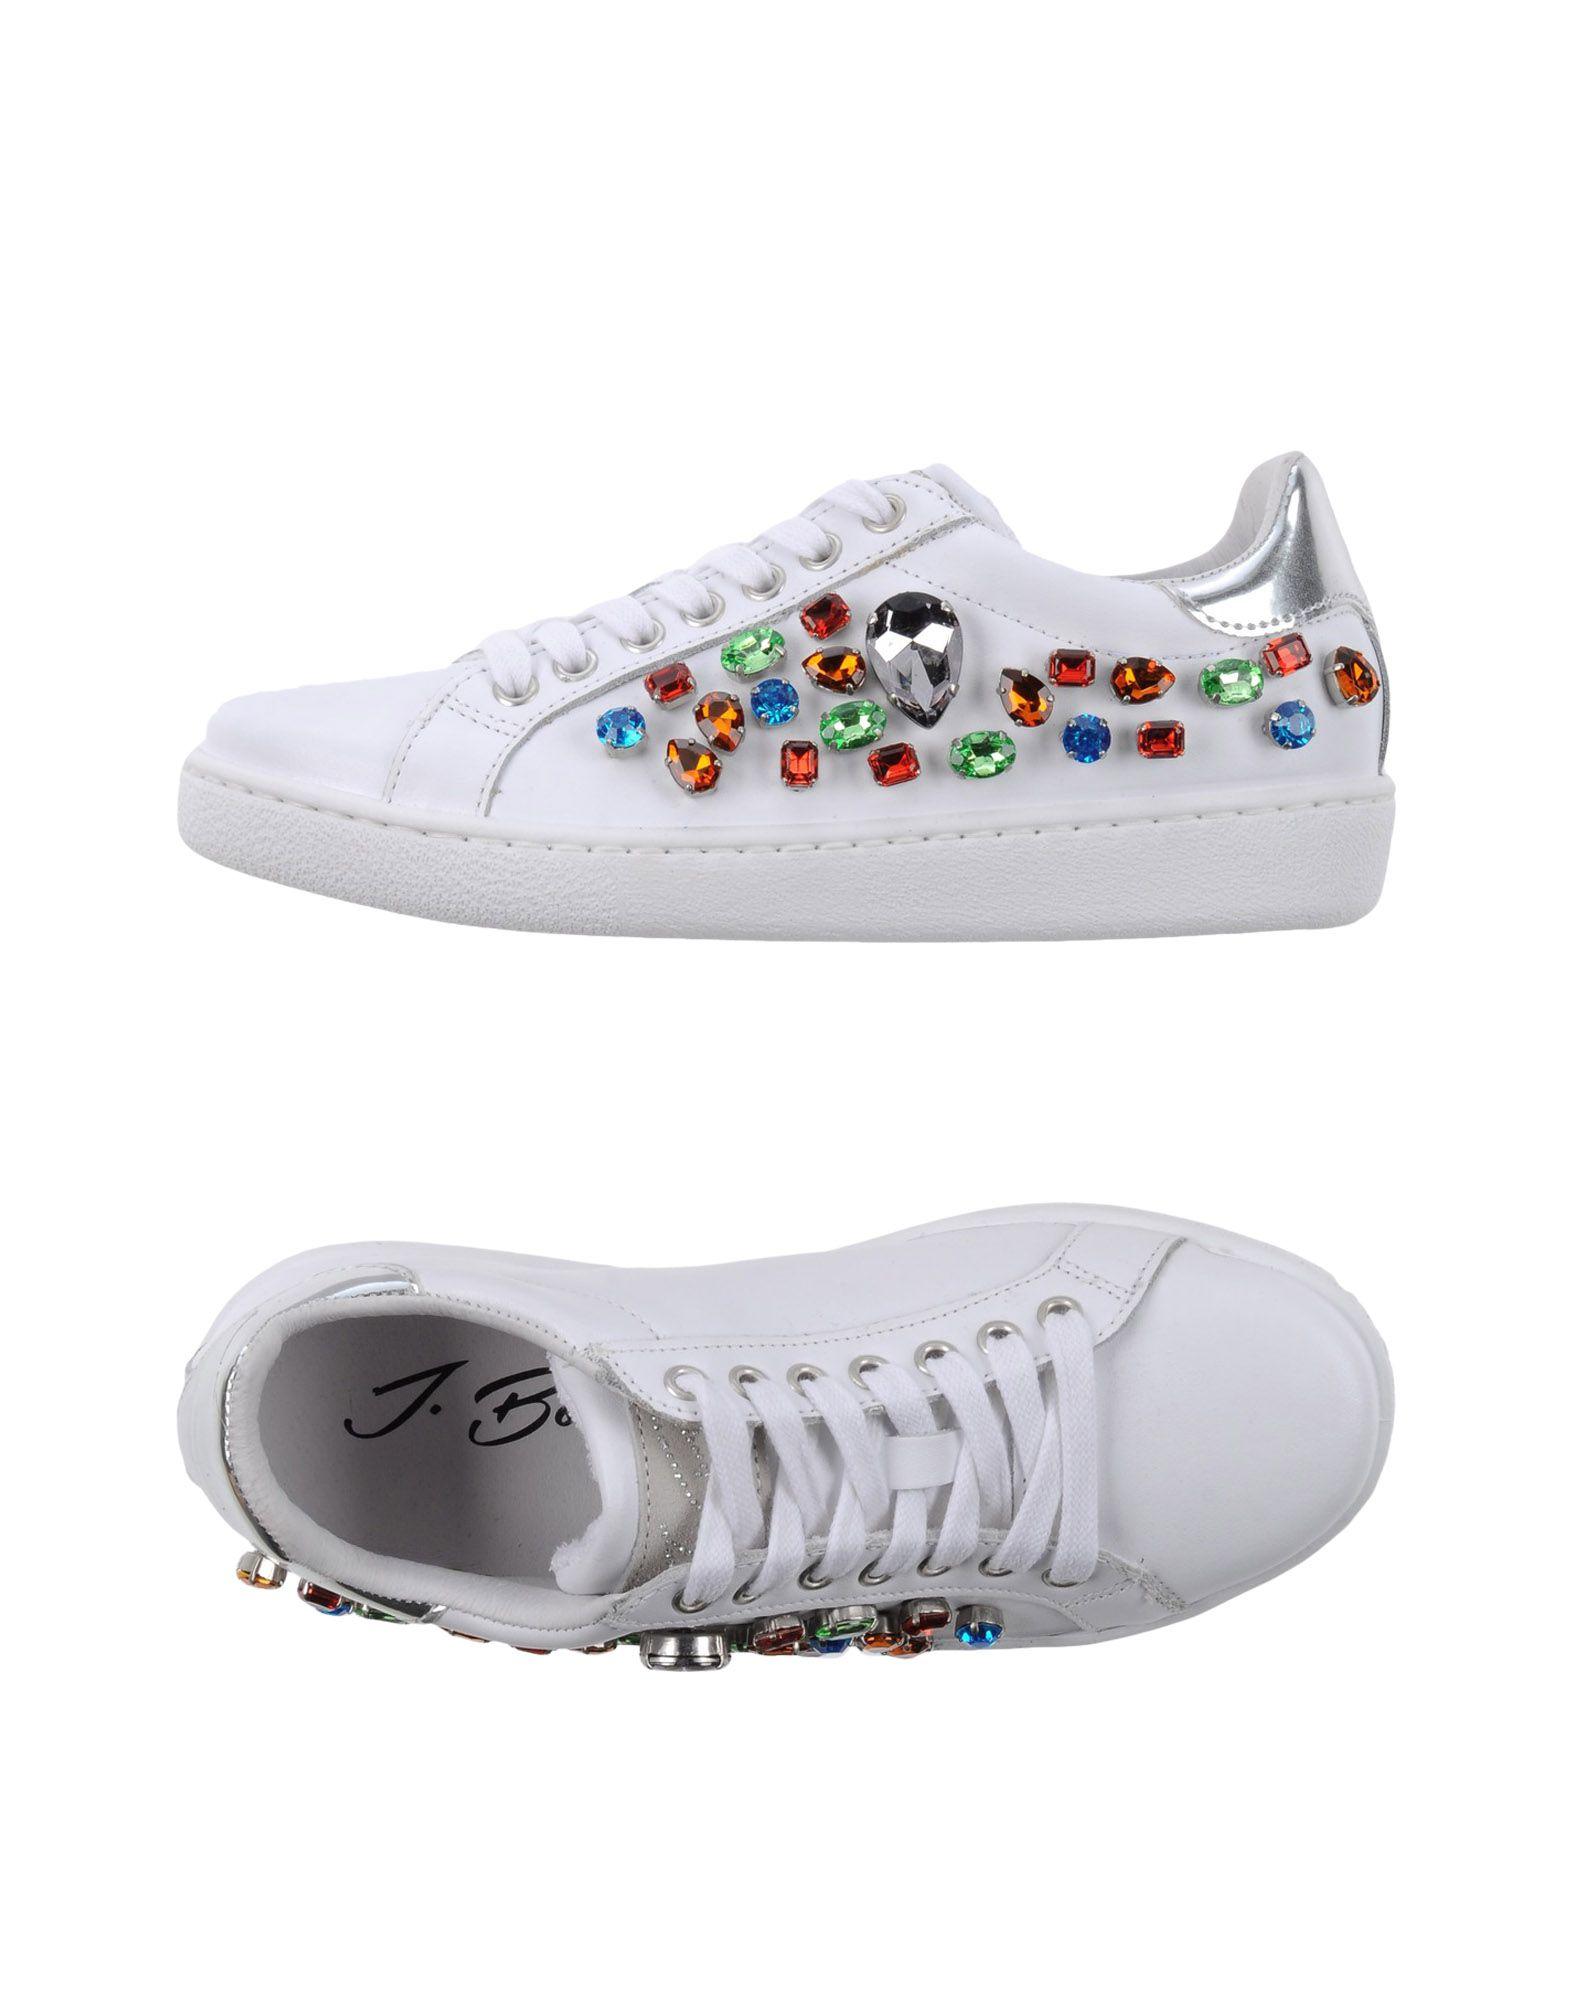 J.Born Sneakers Damen Qualität  11122322RP Gute Qualität Damen beliebte Schuhe e2dc9b